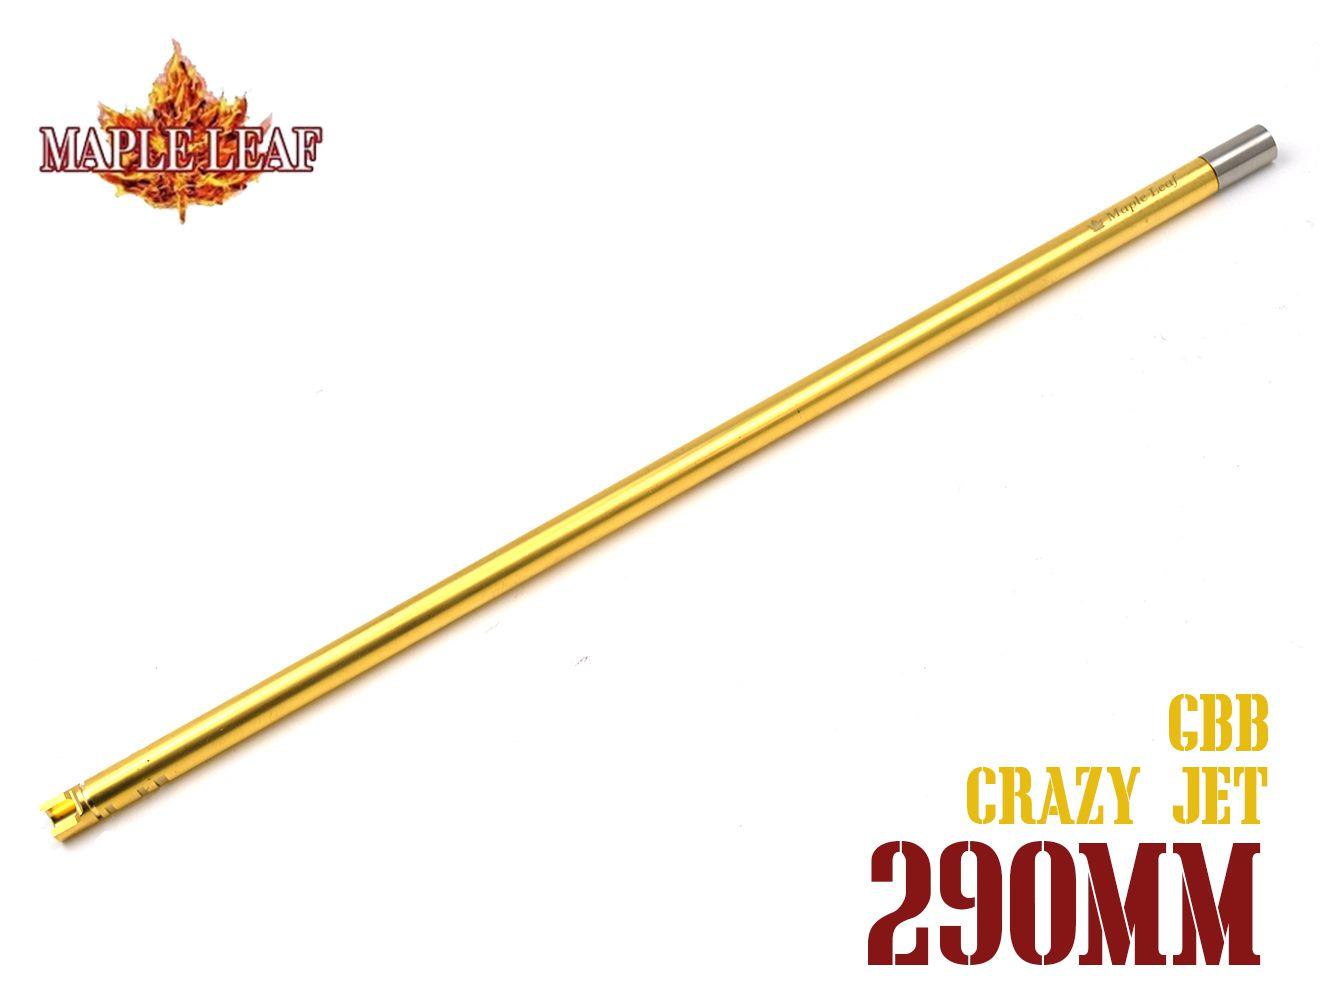 Maple Leaf Crazy Jet for WE VFC GBB 220mm